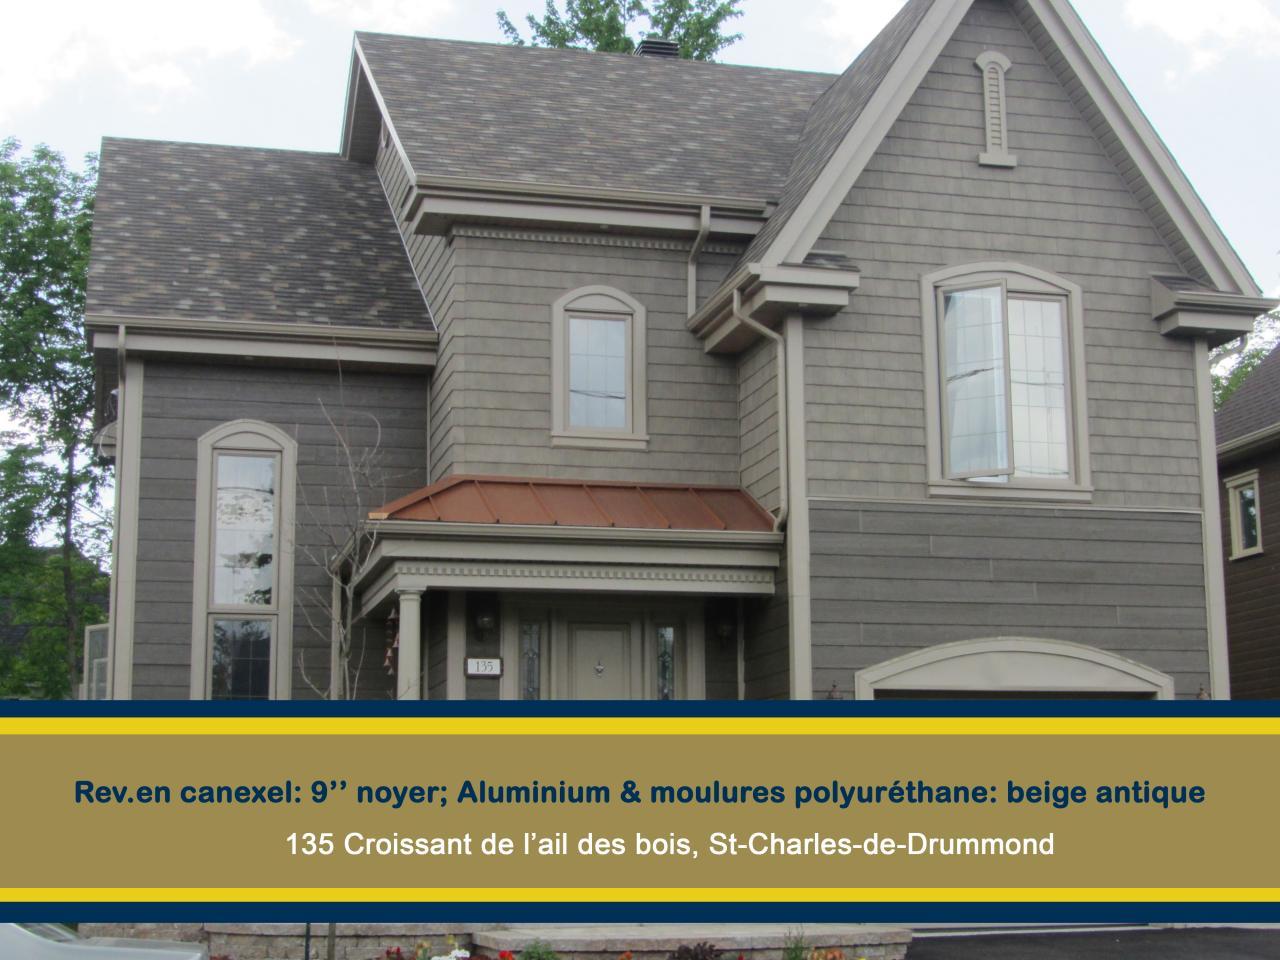 135 Croissant ail-des-bois, St-Charles-de-Drummond